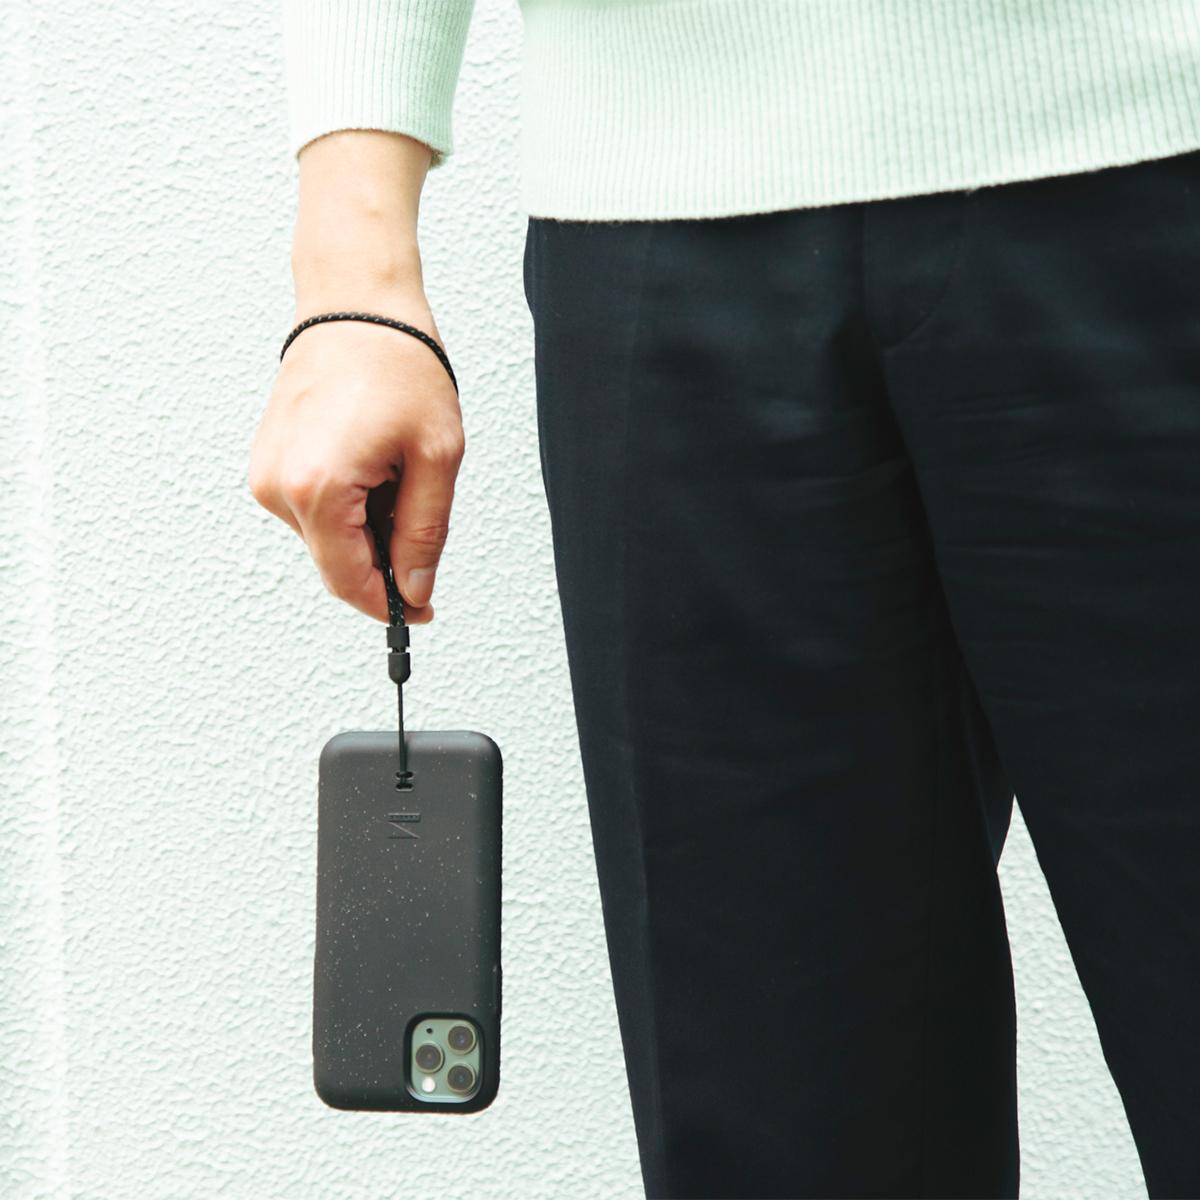 欲しい機能がスマートに凝縮されたLANDERのiPhoneケース。日常生活はもちろん、アウトドアレジャーやスポーツを満喫する休日も快適を実感できるスマホケース・カバー LANDER MOAB CASE(ランダー)